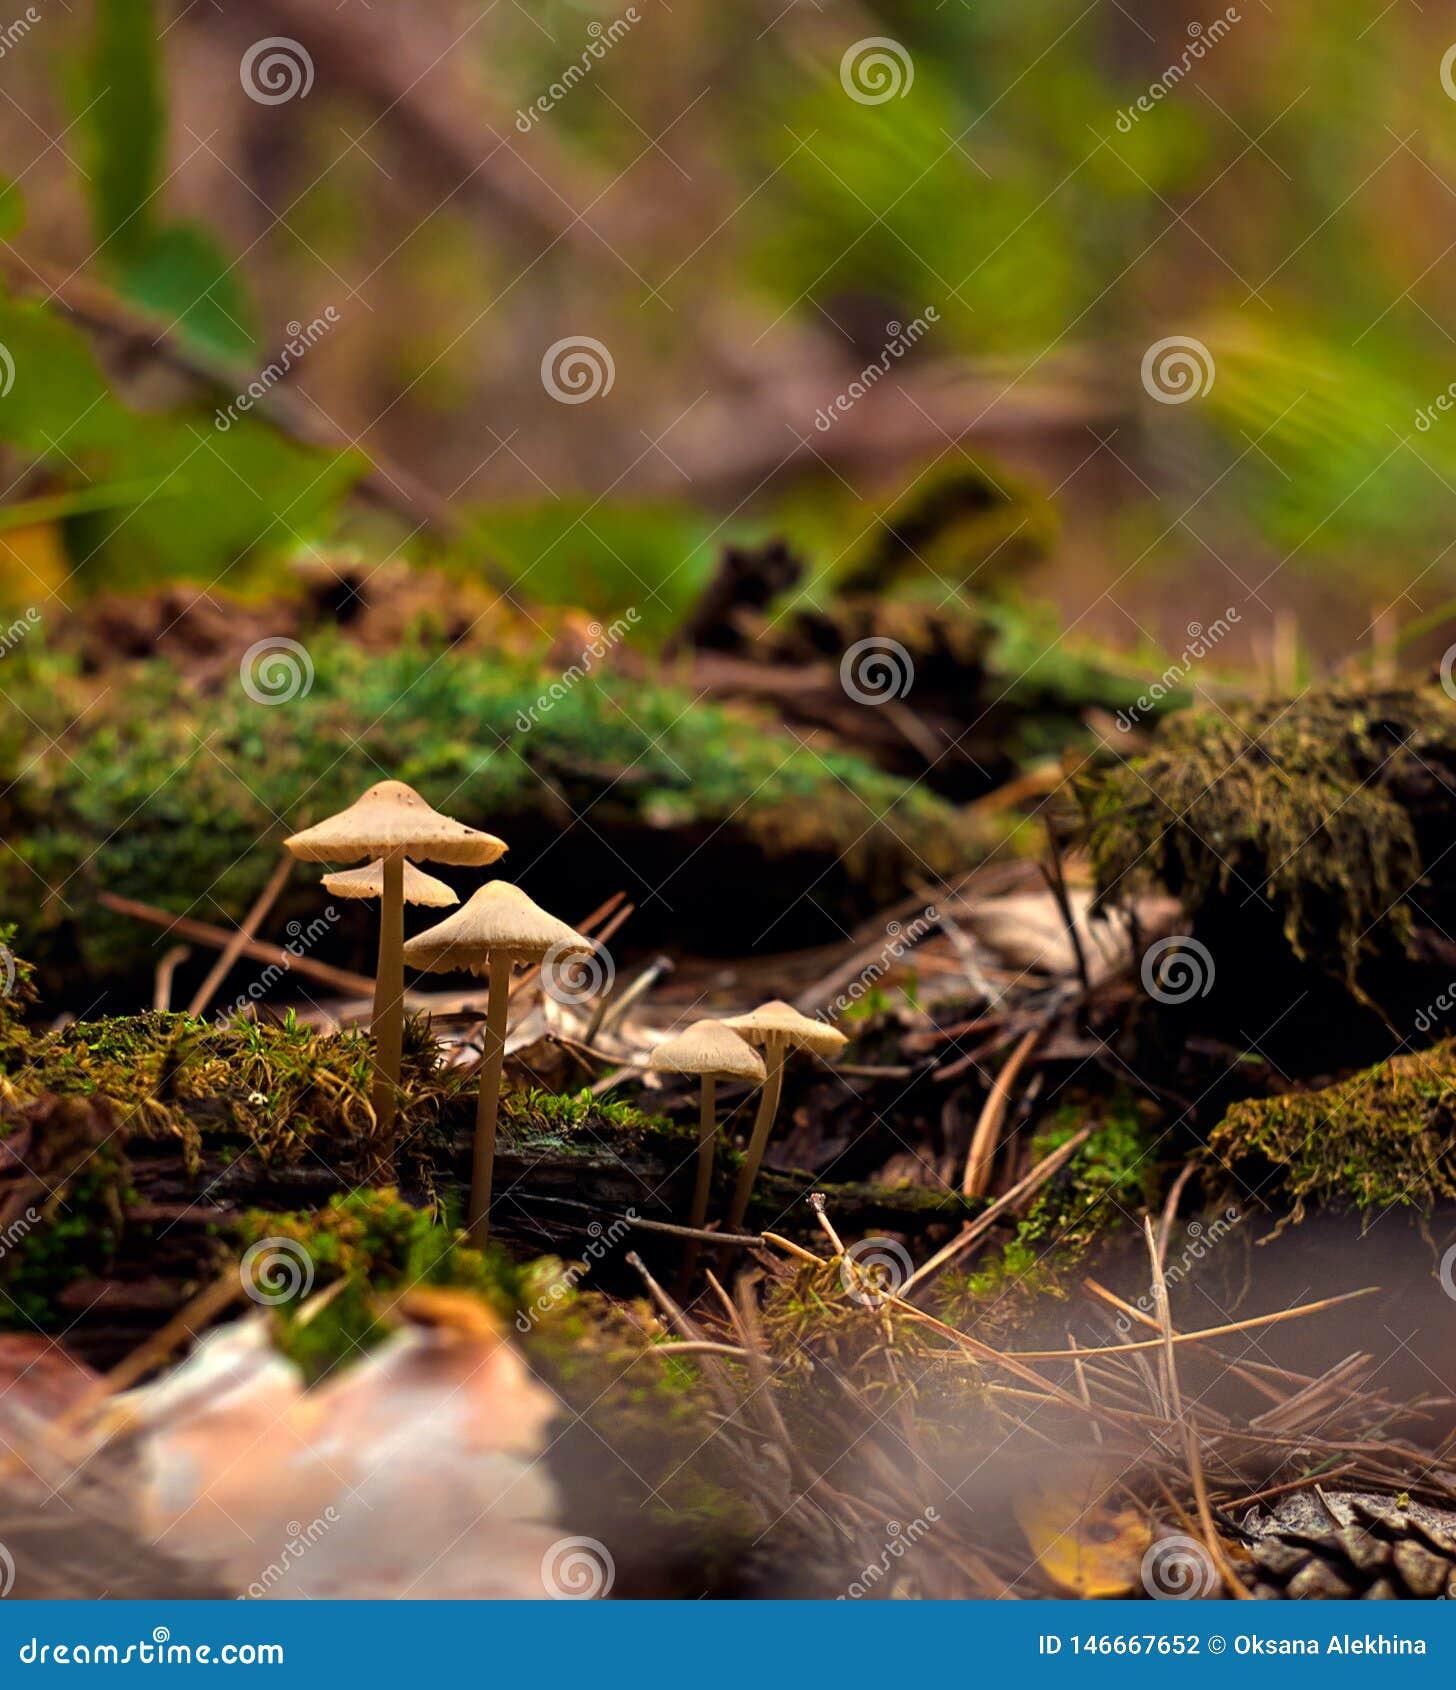 Beautiful closeup of forest mushrooms